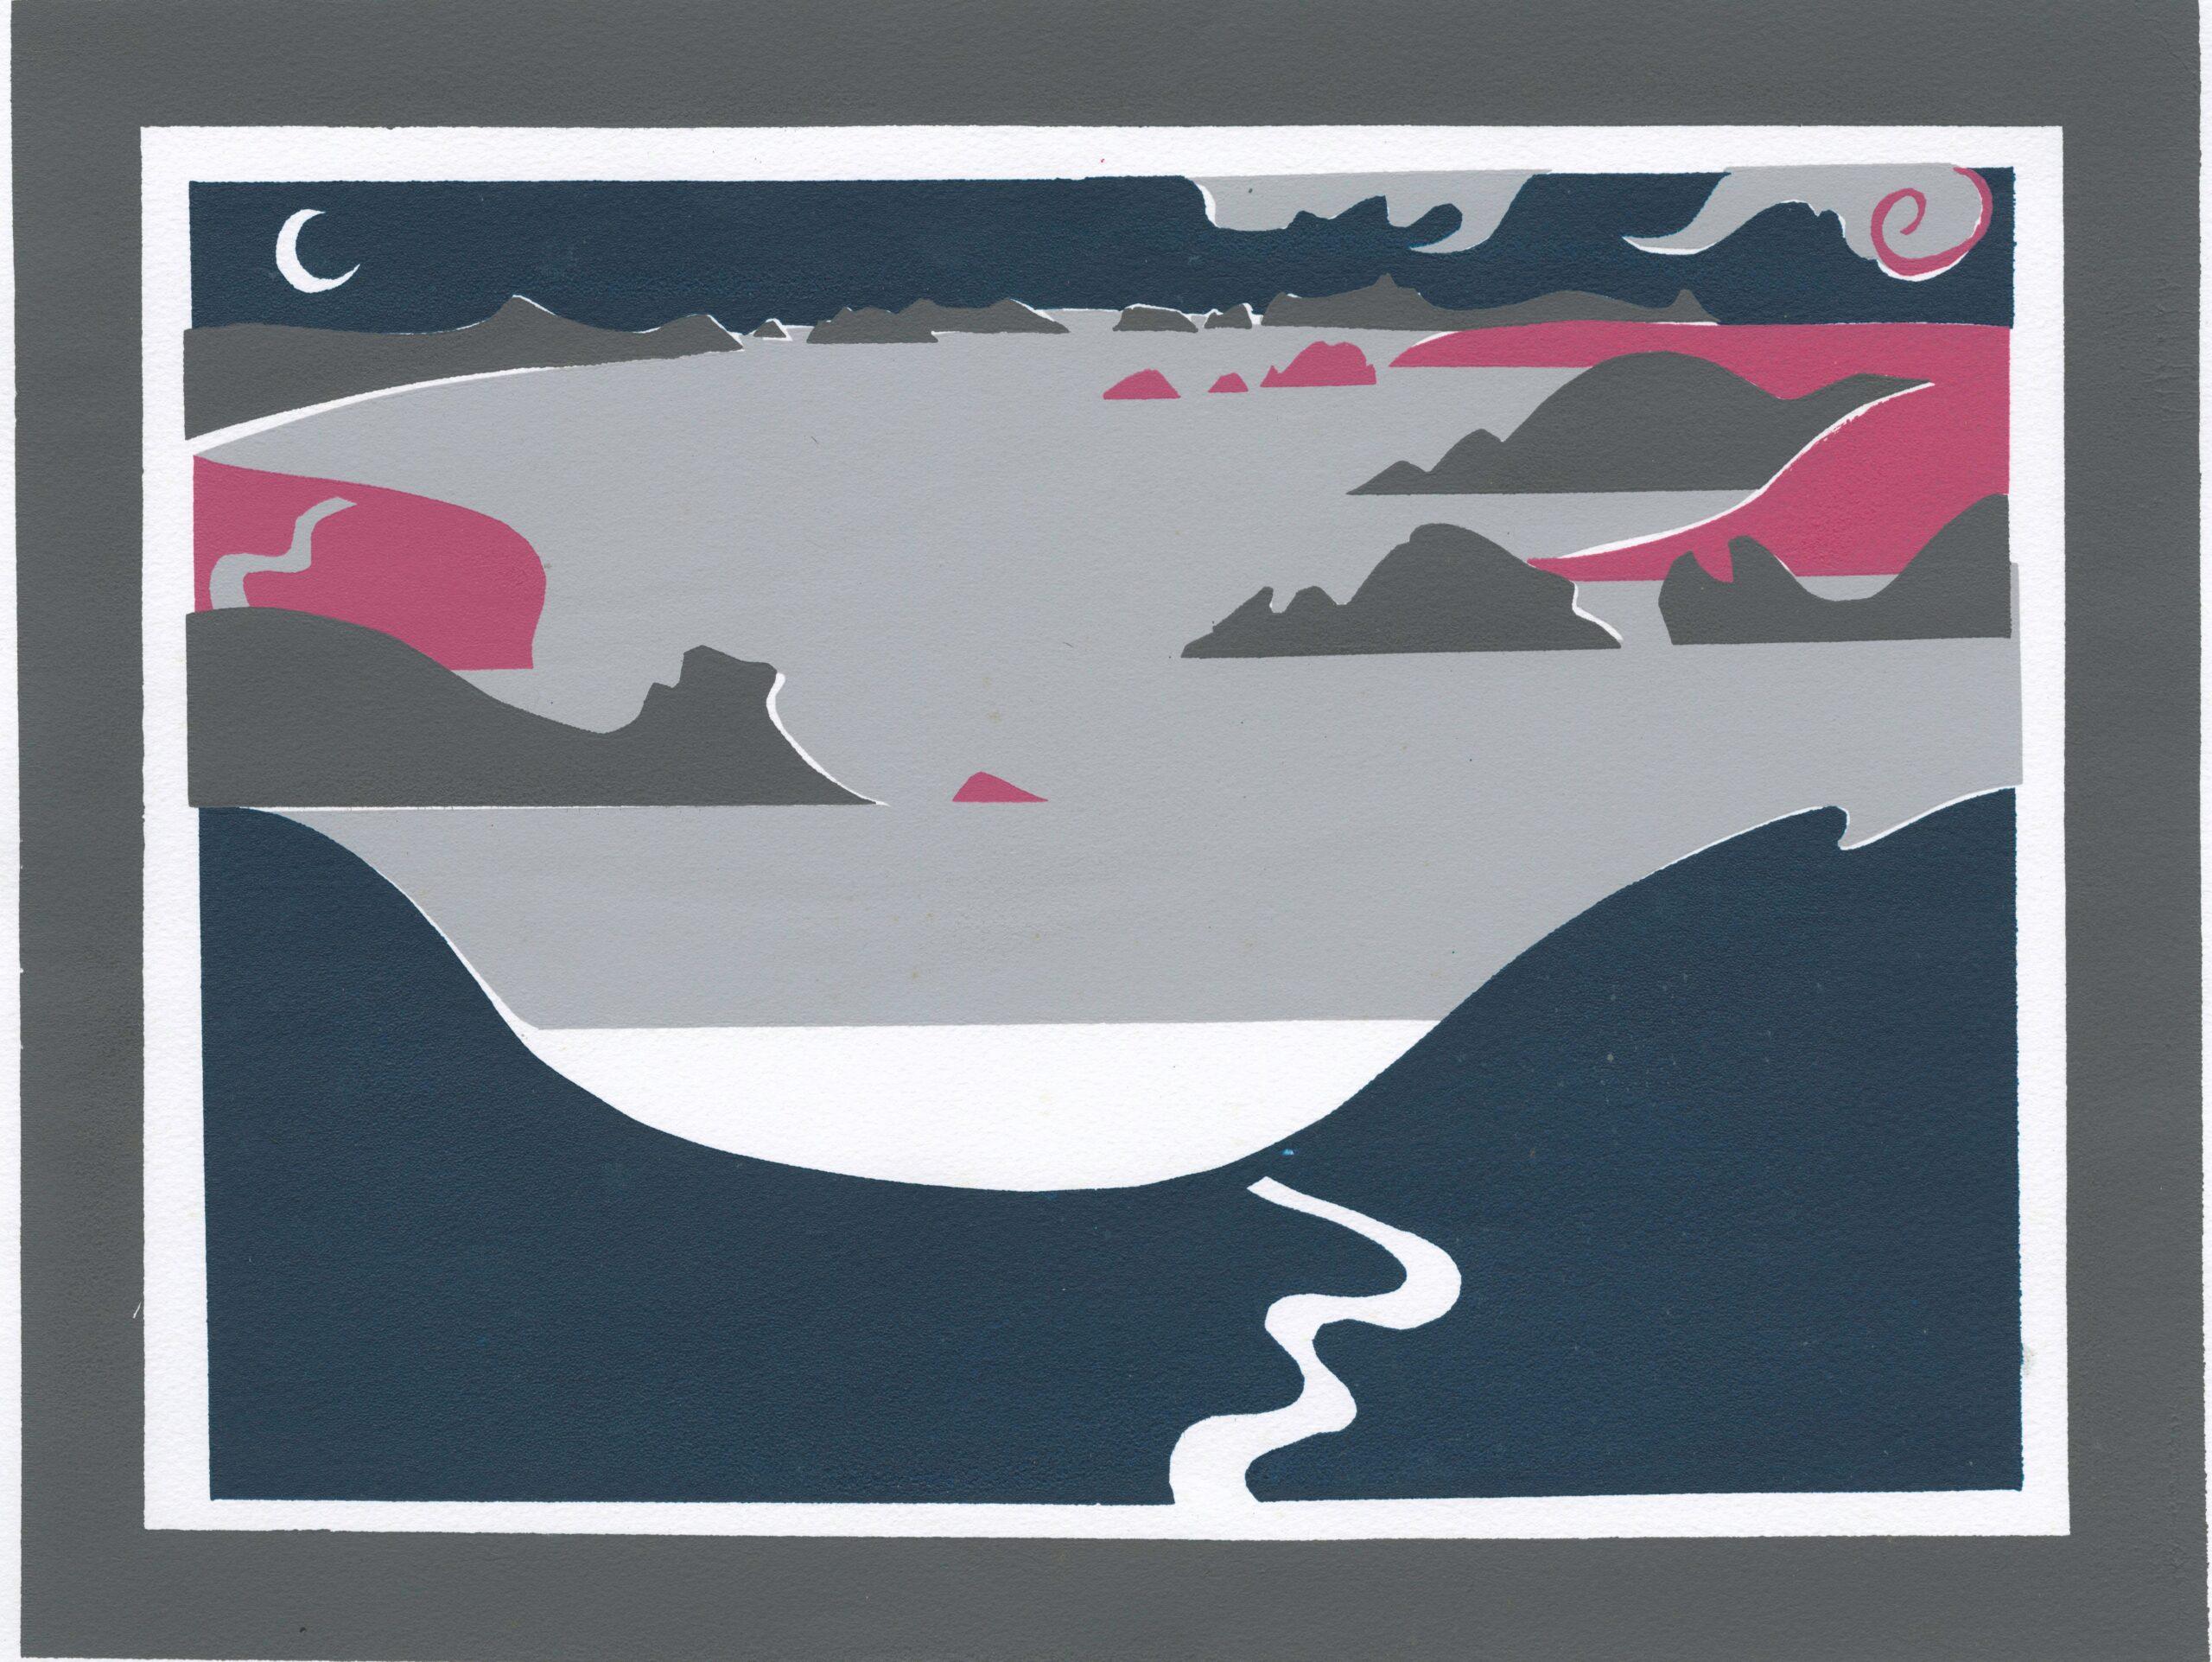 Colour print of nighttime coastal scene